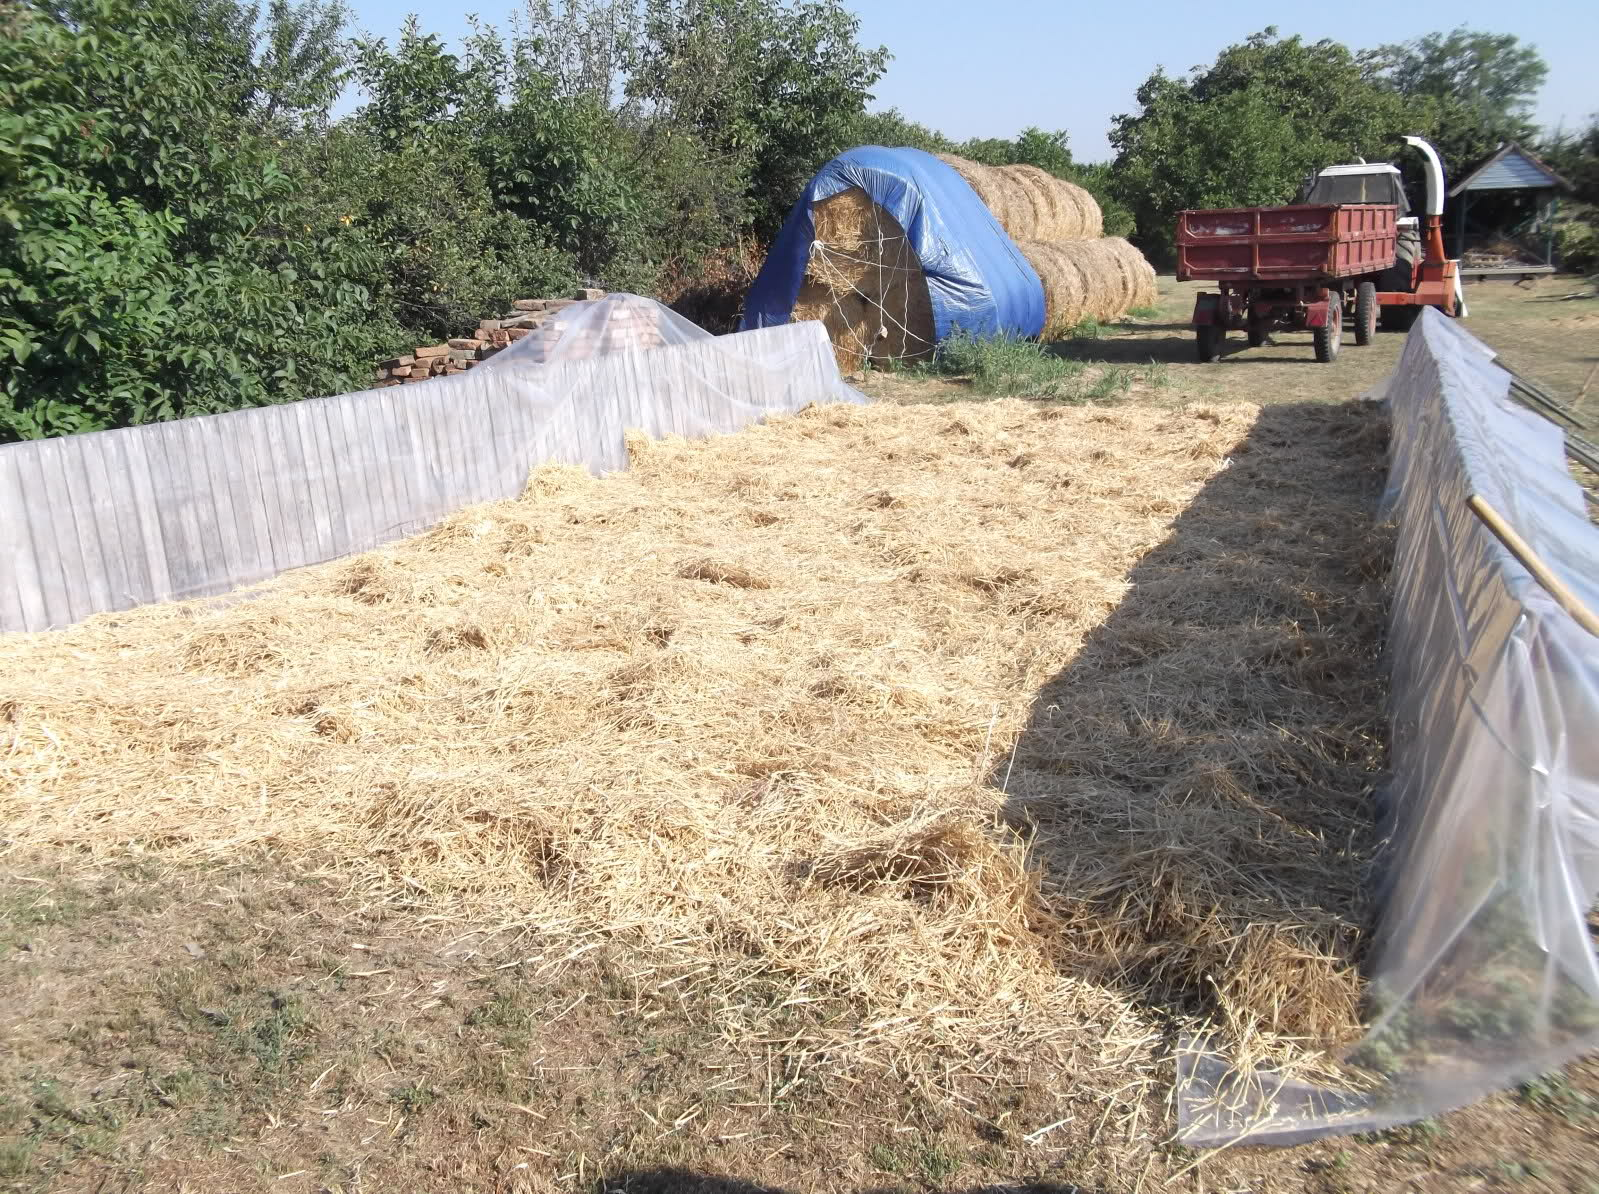 Ilustracija, silaža kukuruza, foto: http://i47.tinypic.com/